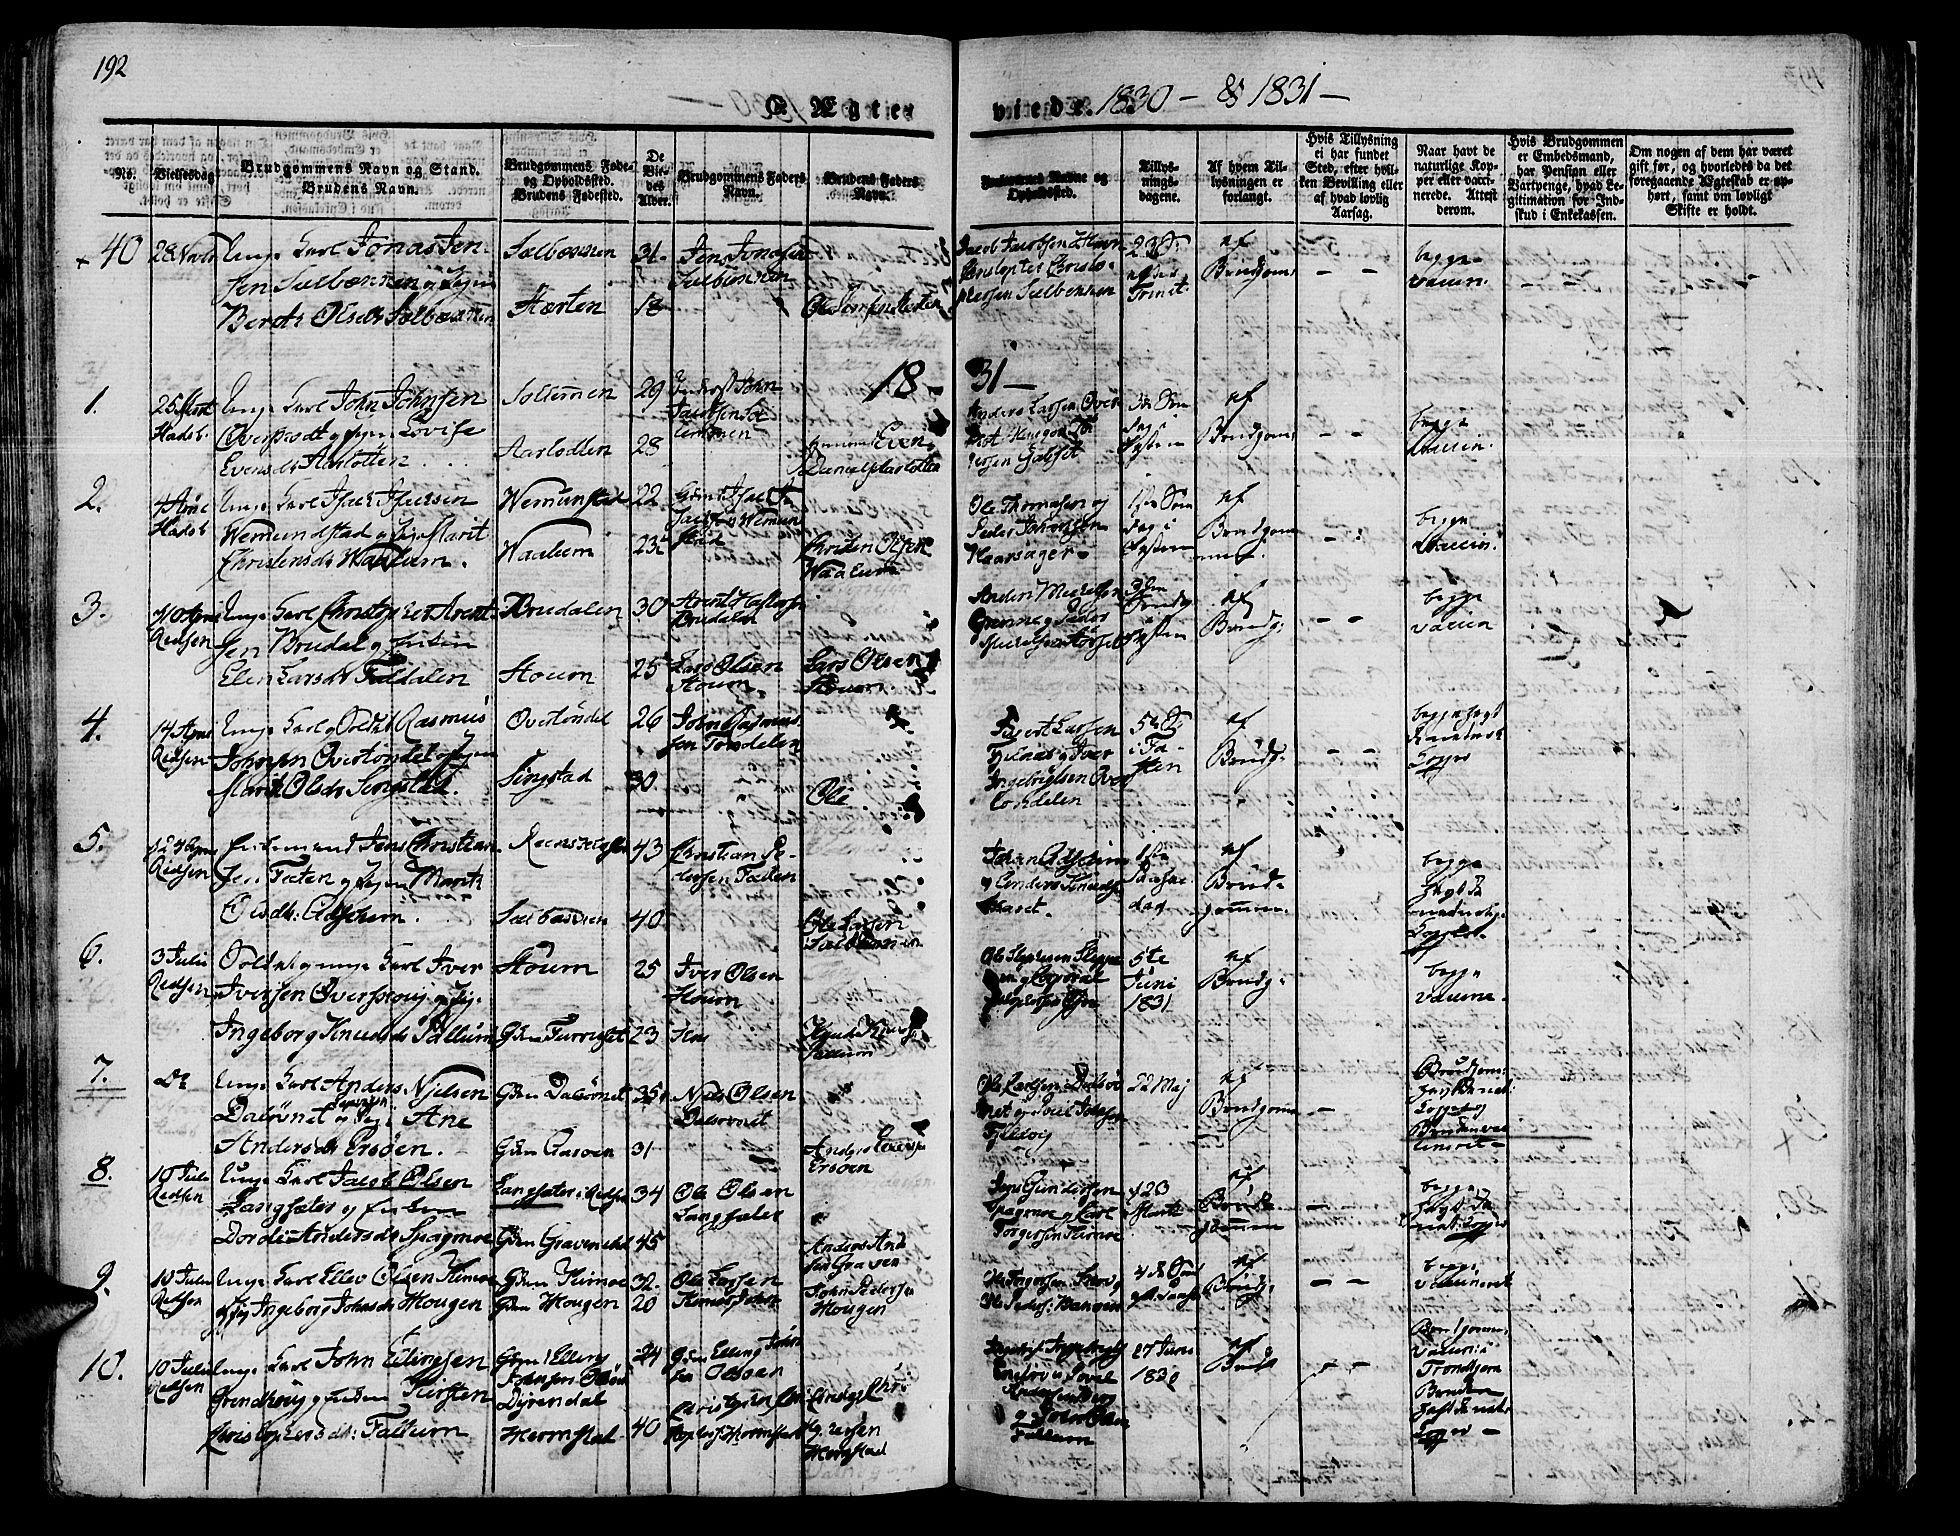 SAT, Ministerialprotokoller, klokkerbøker og fødselsregistre - Sør-Trøndelag, 646/L0609: Ministerialbok nr. 646A07, 1826-1838, s. 192